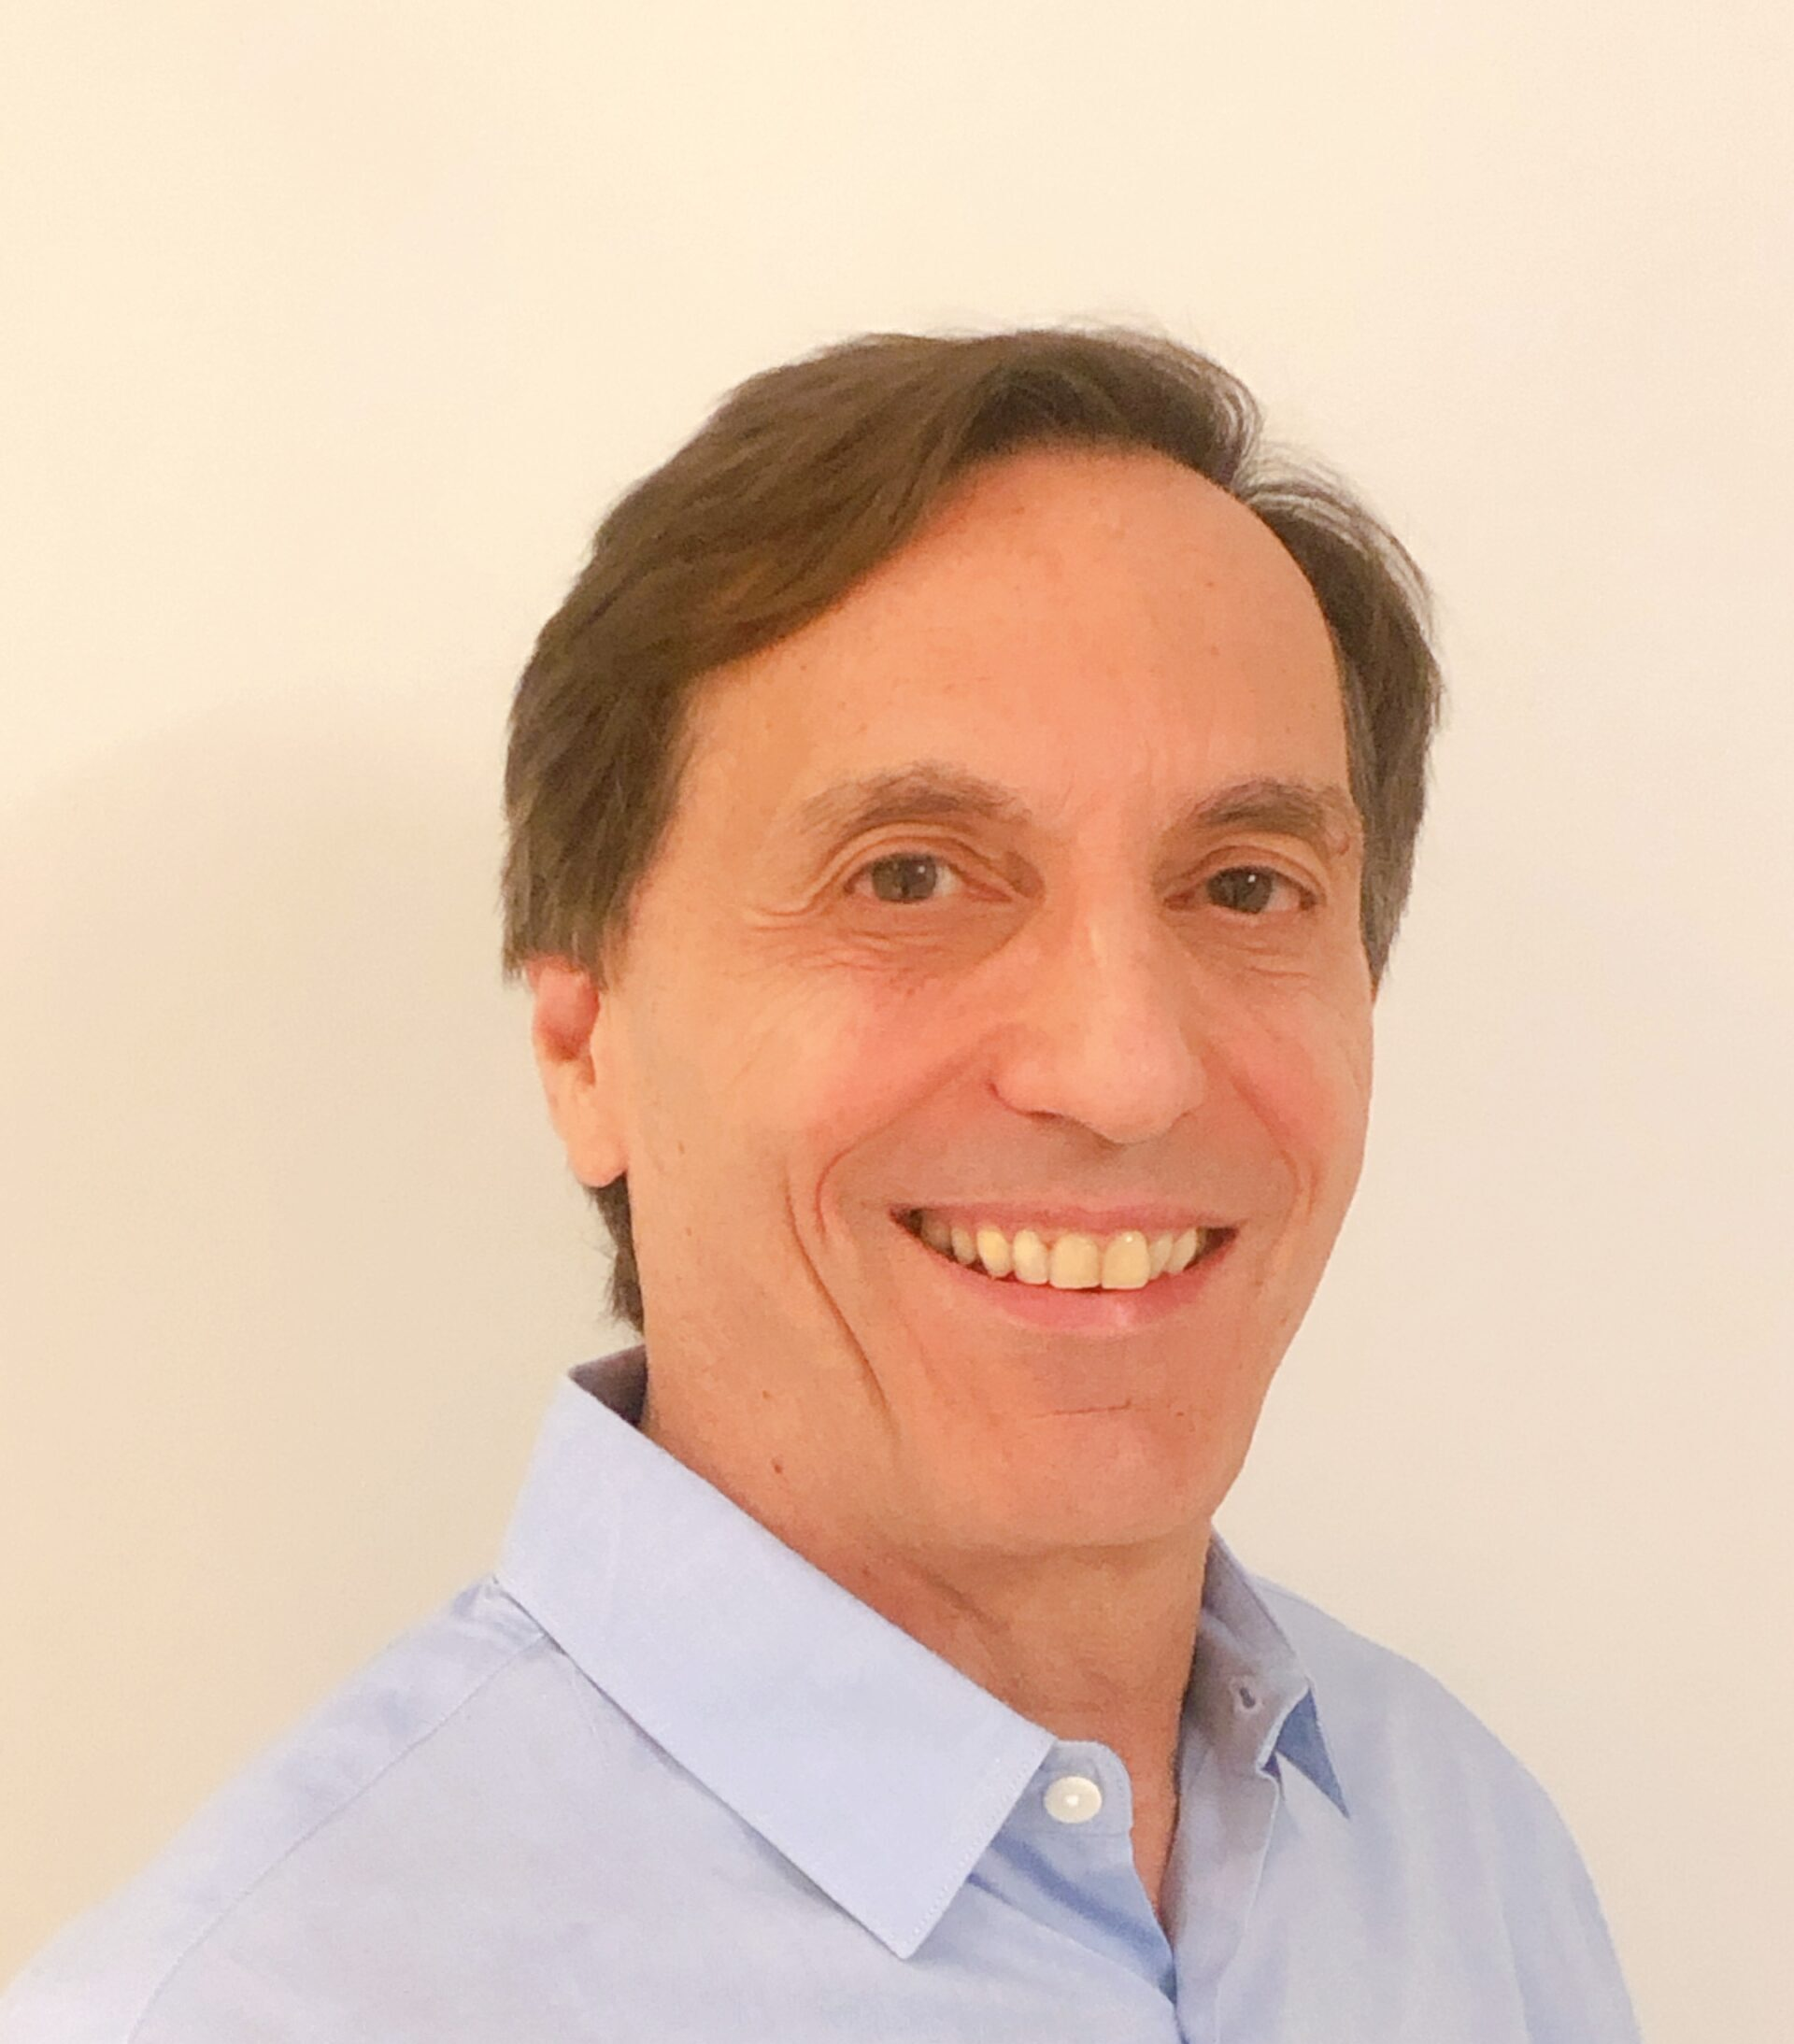 Wayne Gattinella - CEO